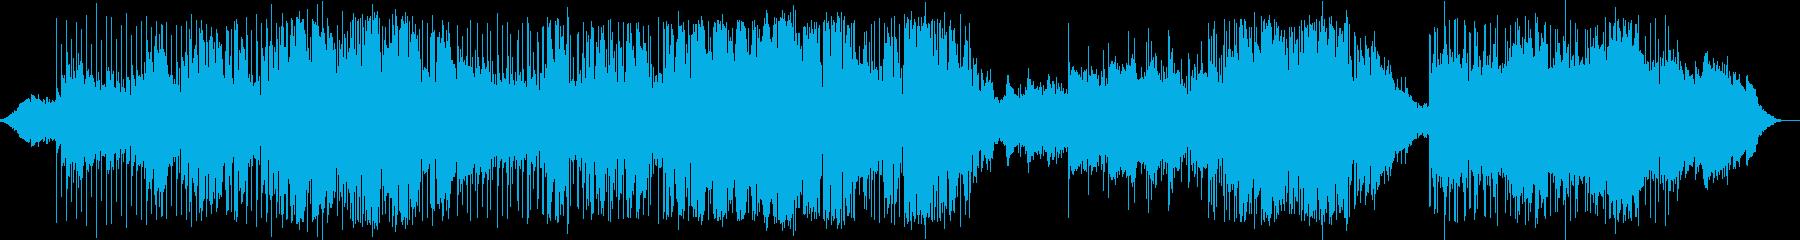 英語洋楽:Zep+ポリス・演歌風バラードの再生済みの波形